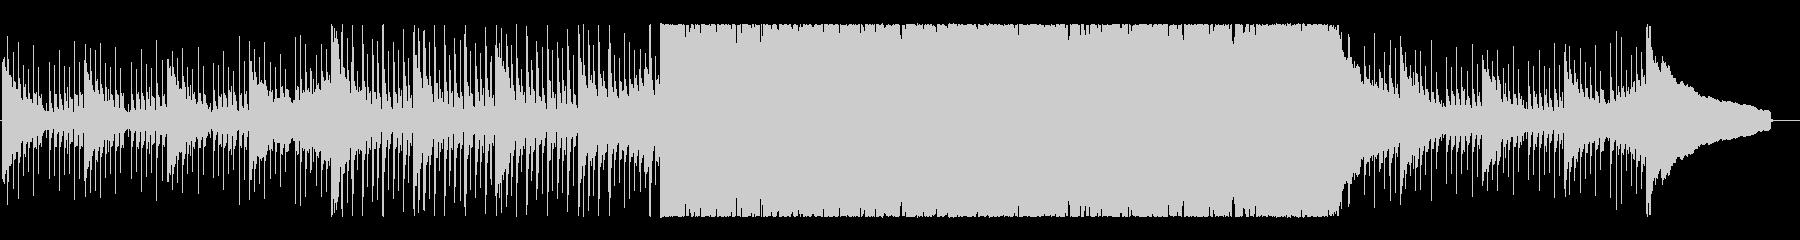 前向きで力強いコーポレートロックの未再生の波形